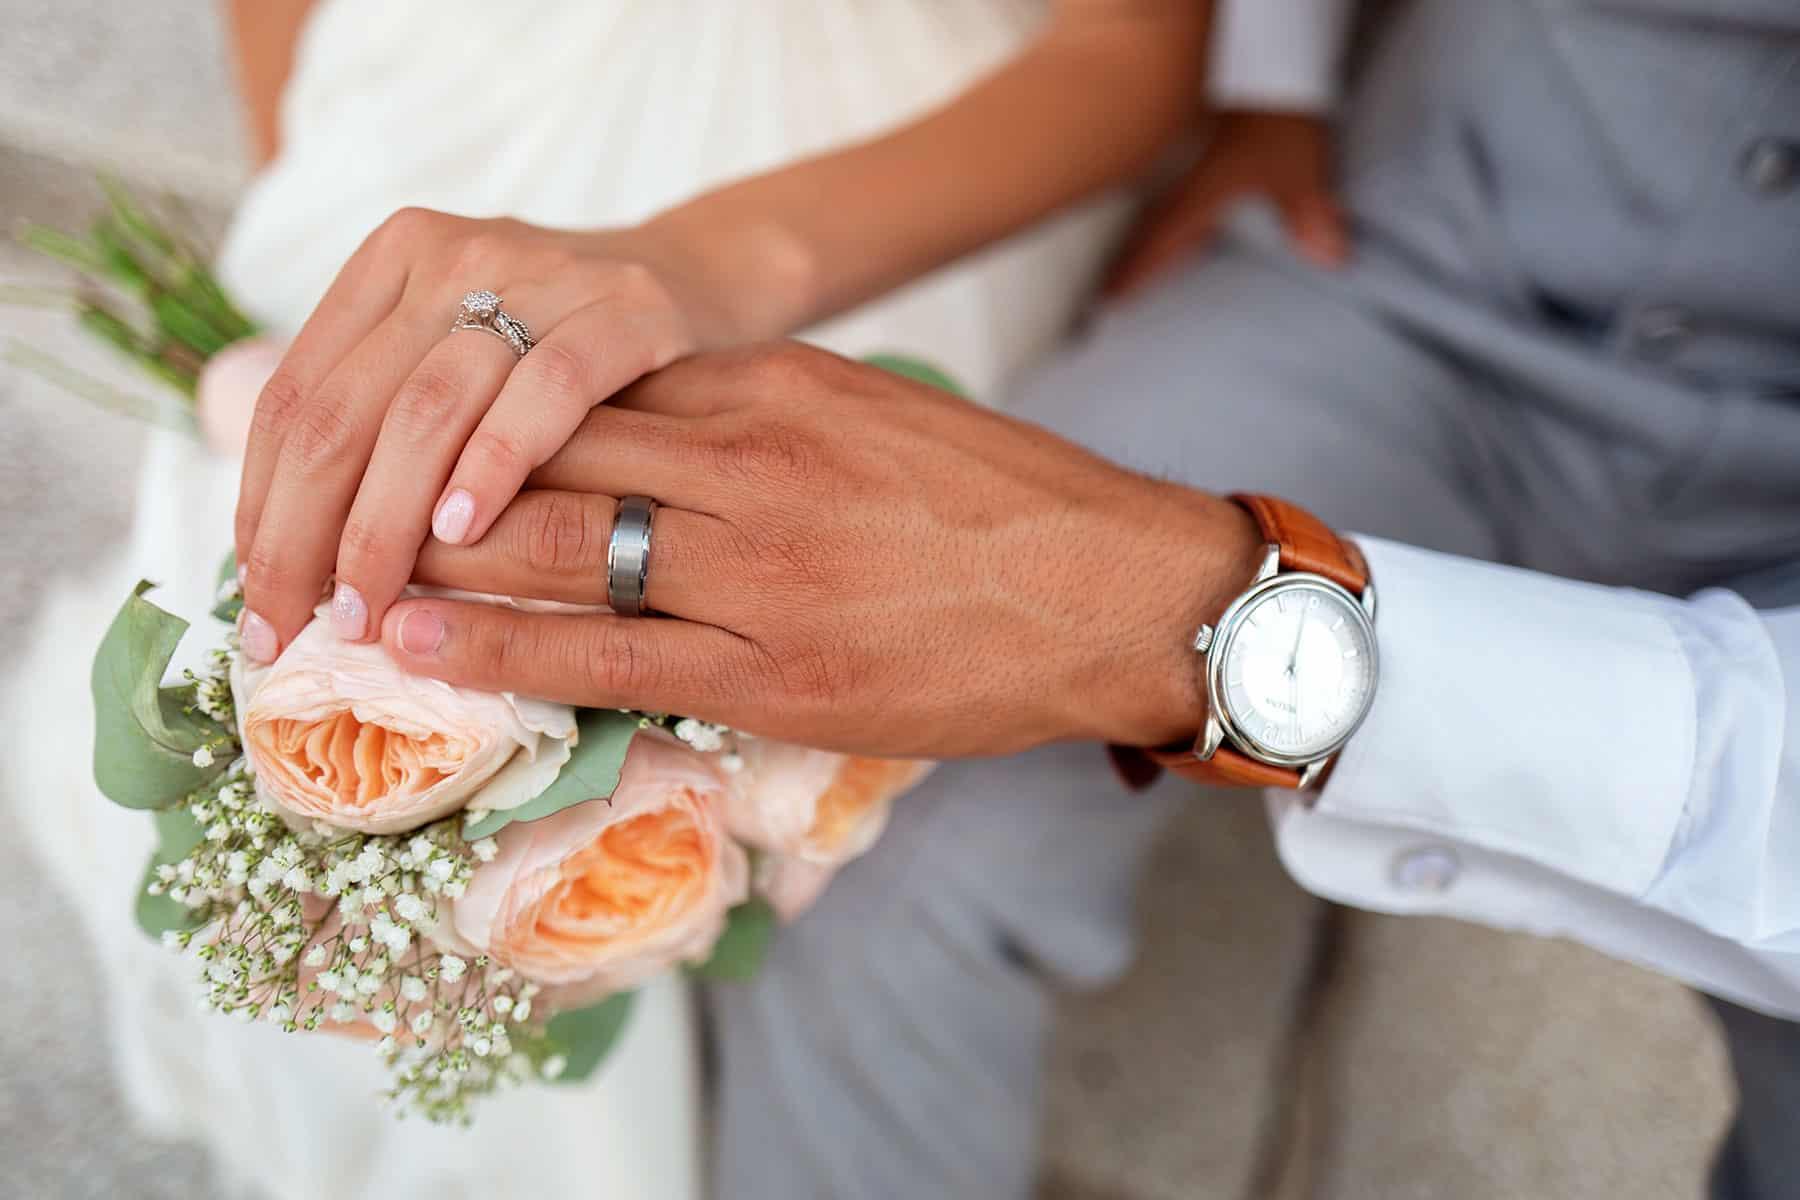 Brölloppsresor_till_Grenada_Ringar_nygren_lind_resebyrå